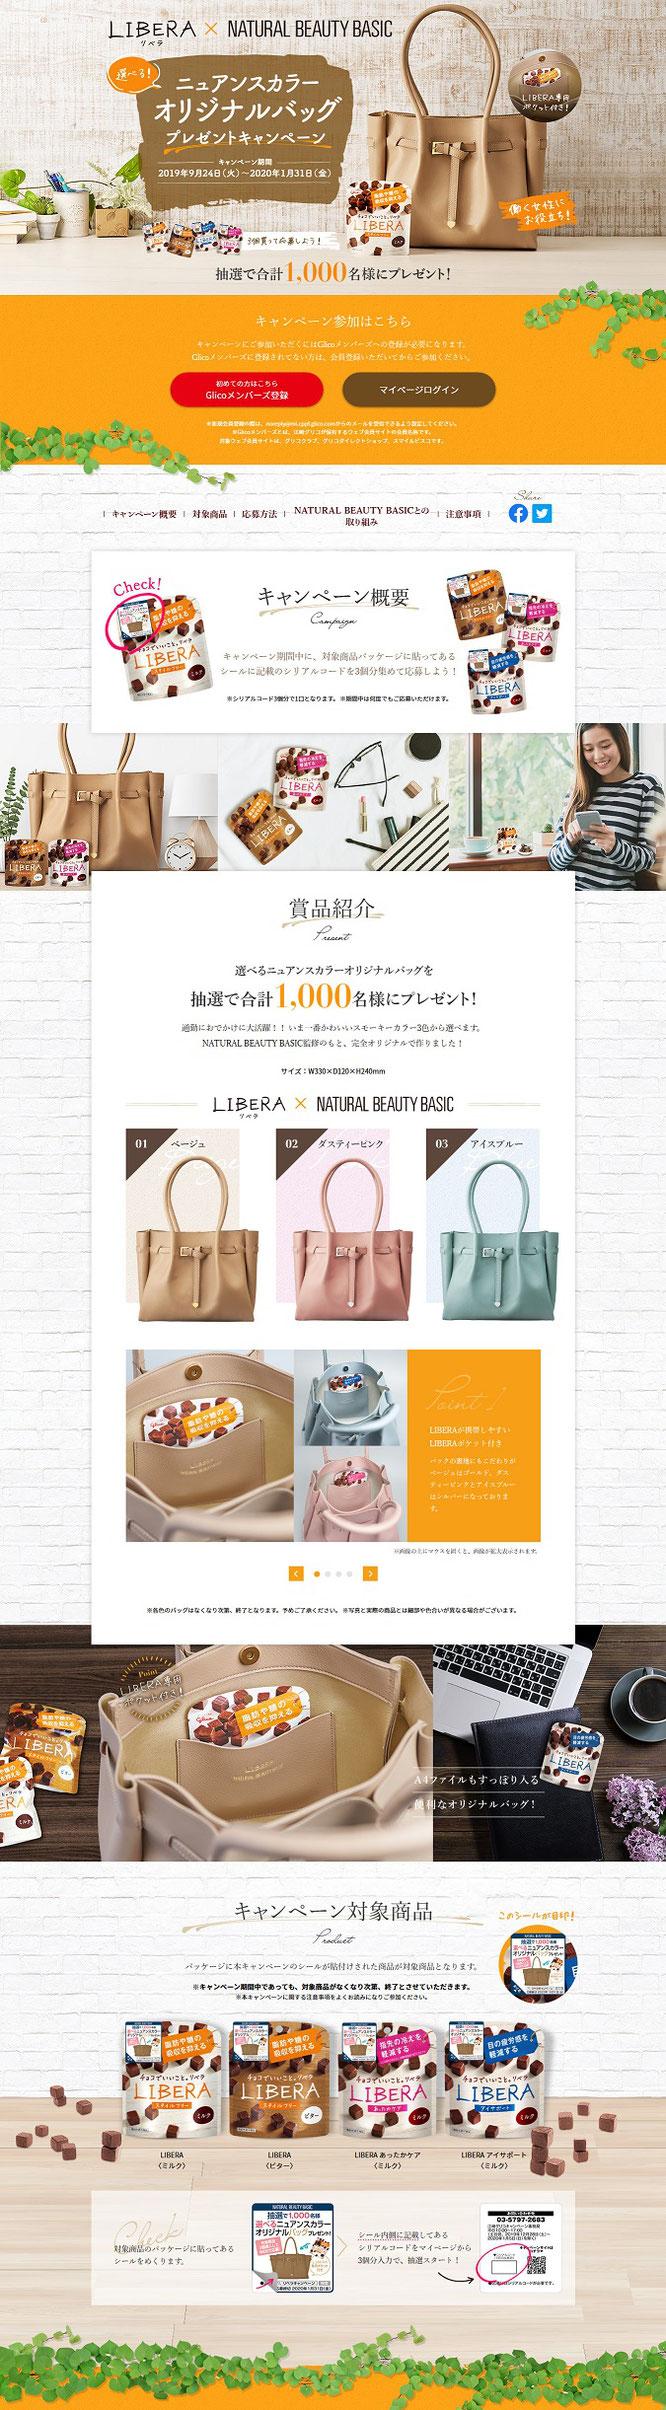 【グリコ】LIBERA リベラ NATURAL BEAUTY BASIC オリジナルバッグプレゼントキャンペーン